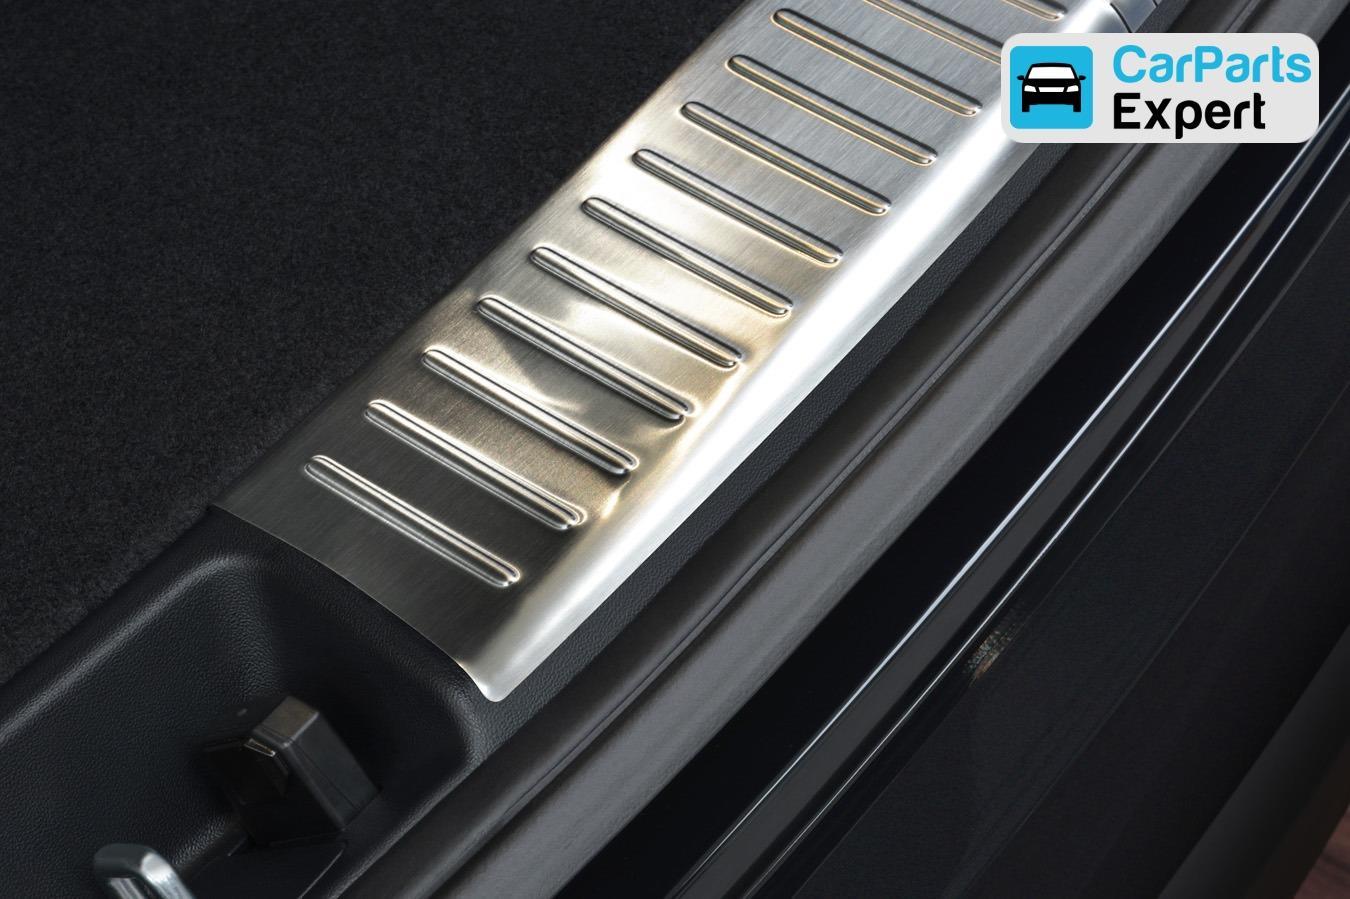 ix35 2010 2015 hyundai ix35 lm 2010 2015 protection de seuil de coffre int rieur acier inox. Black Bedroom Furniture Sets. Home Design Ideas